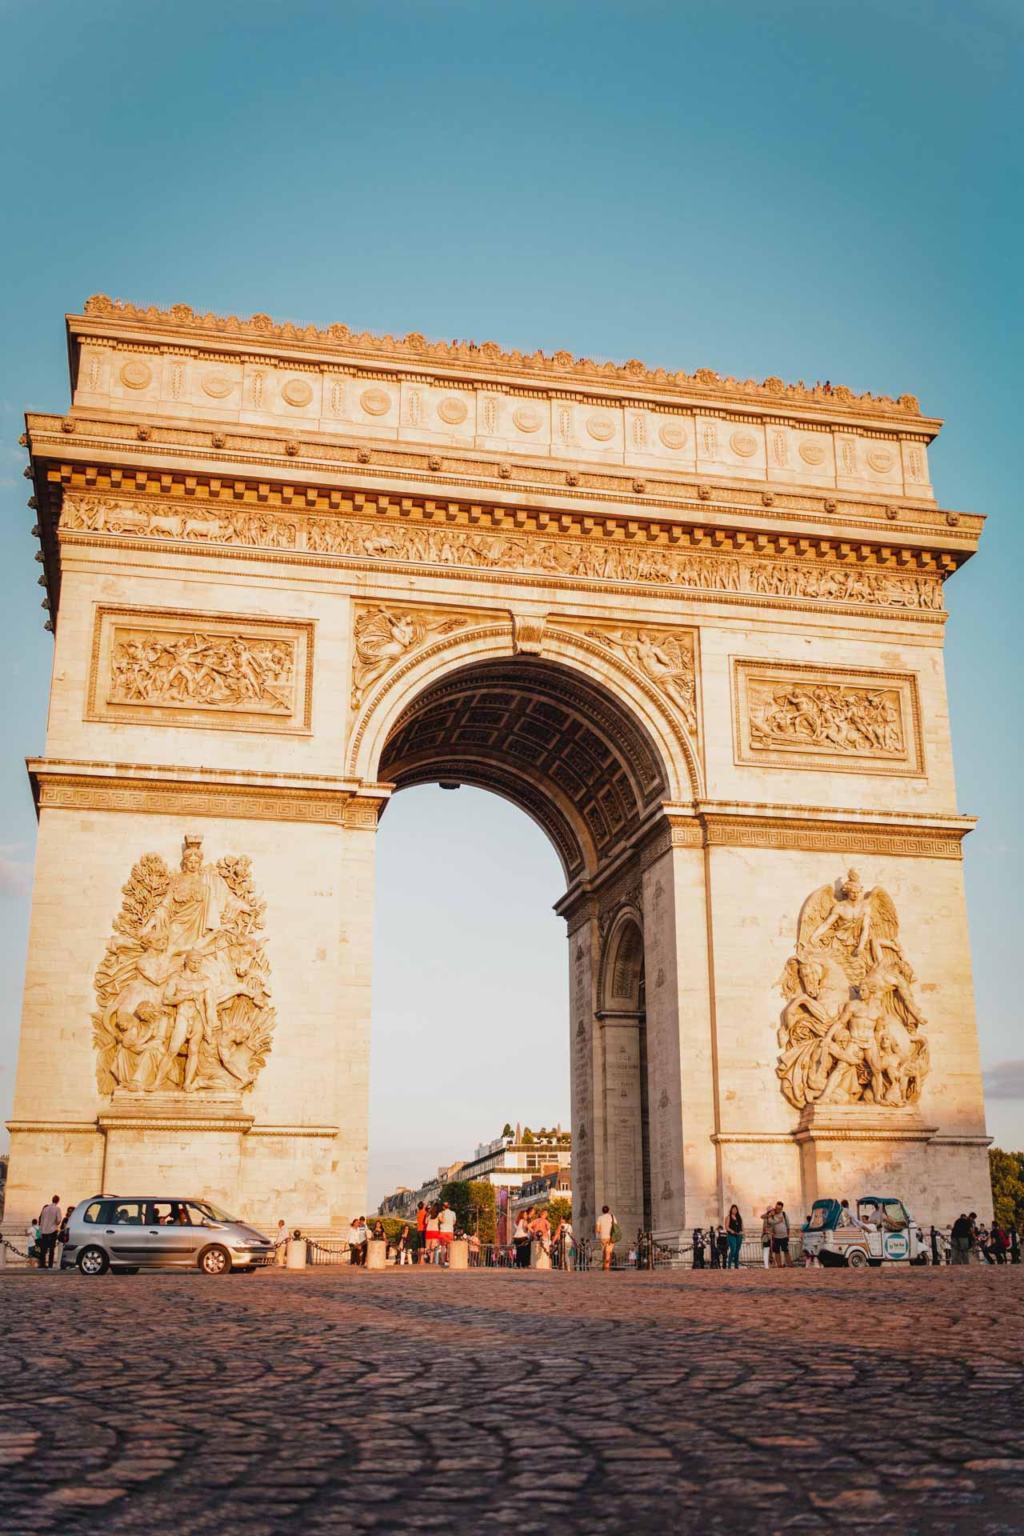 Arc de Triomphe de l'Etoile sunset photography